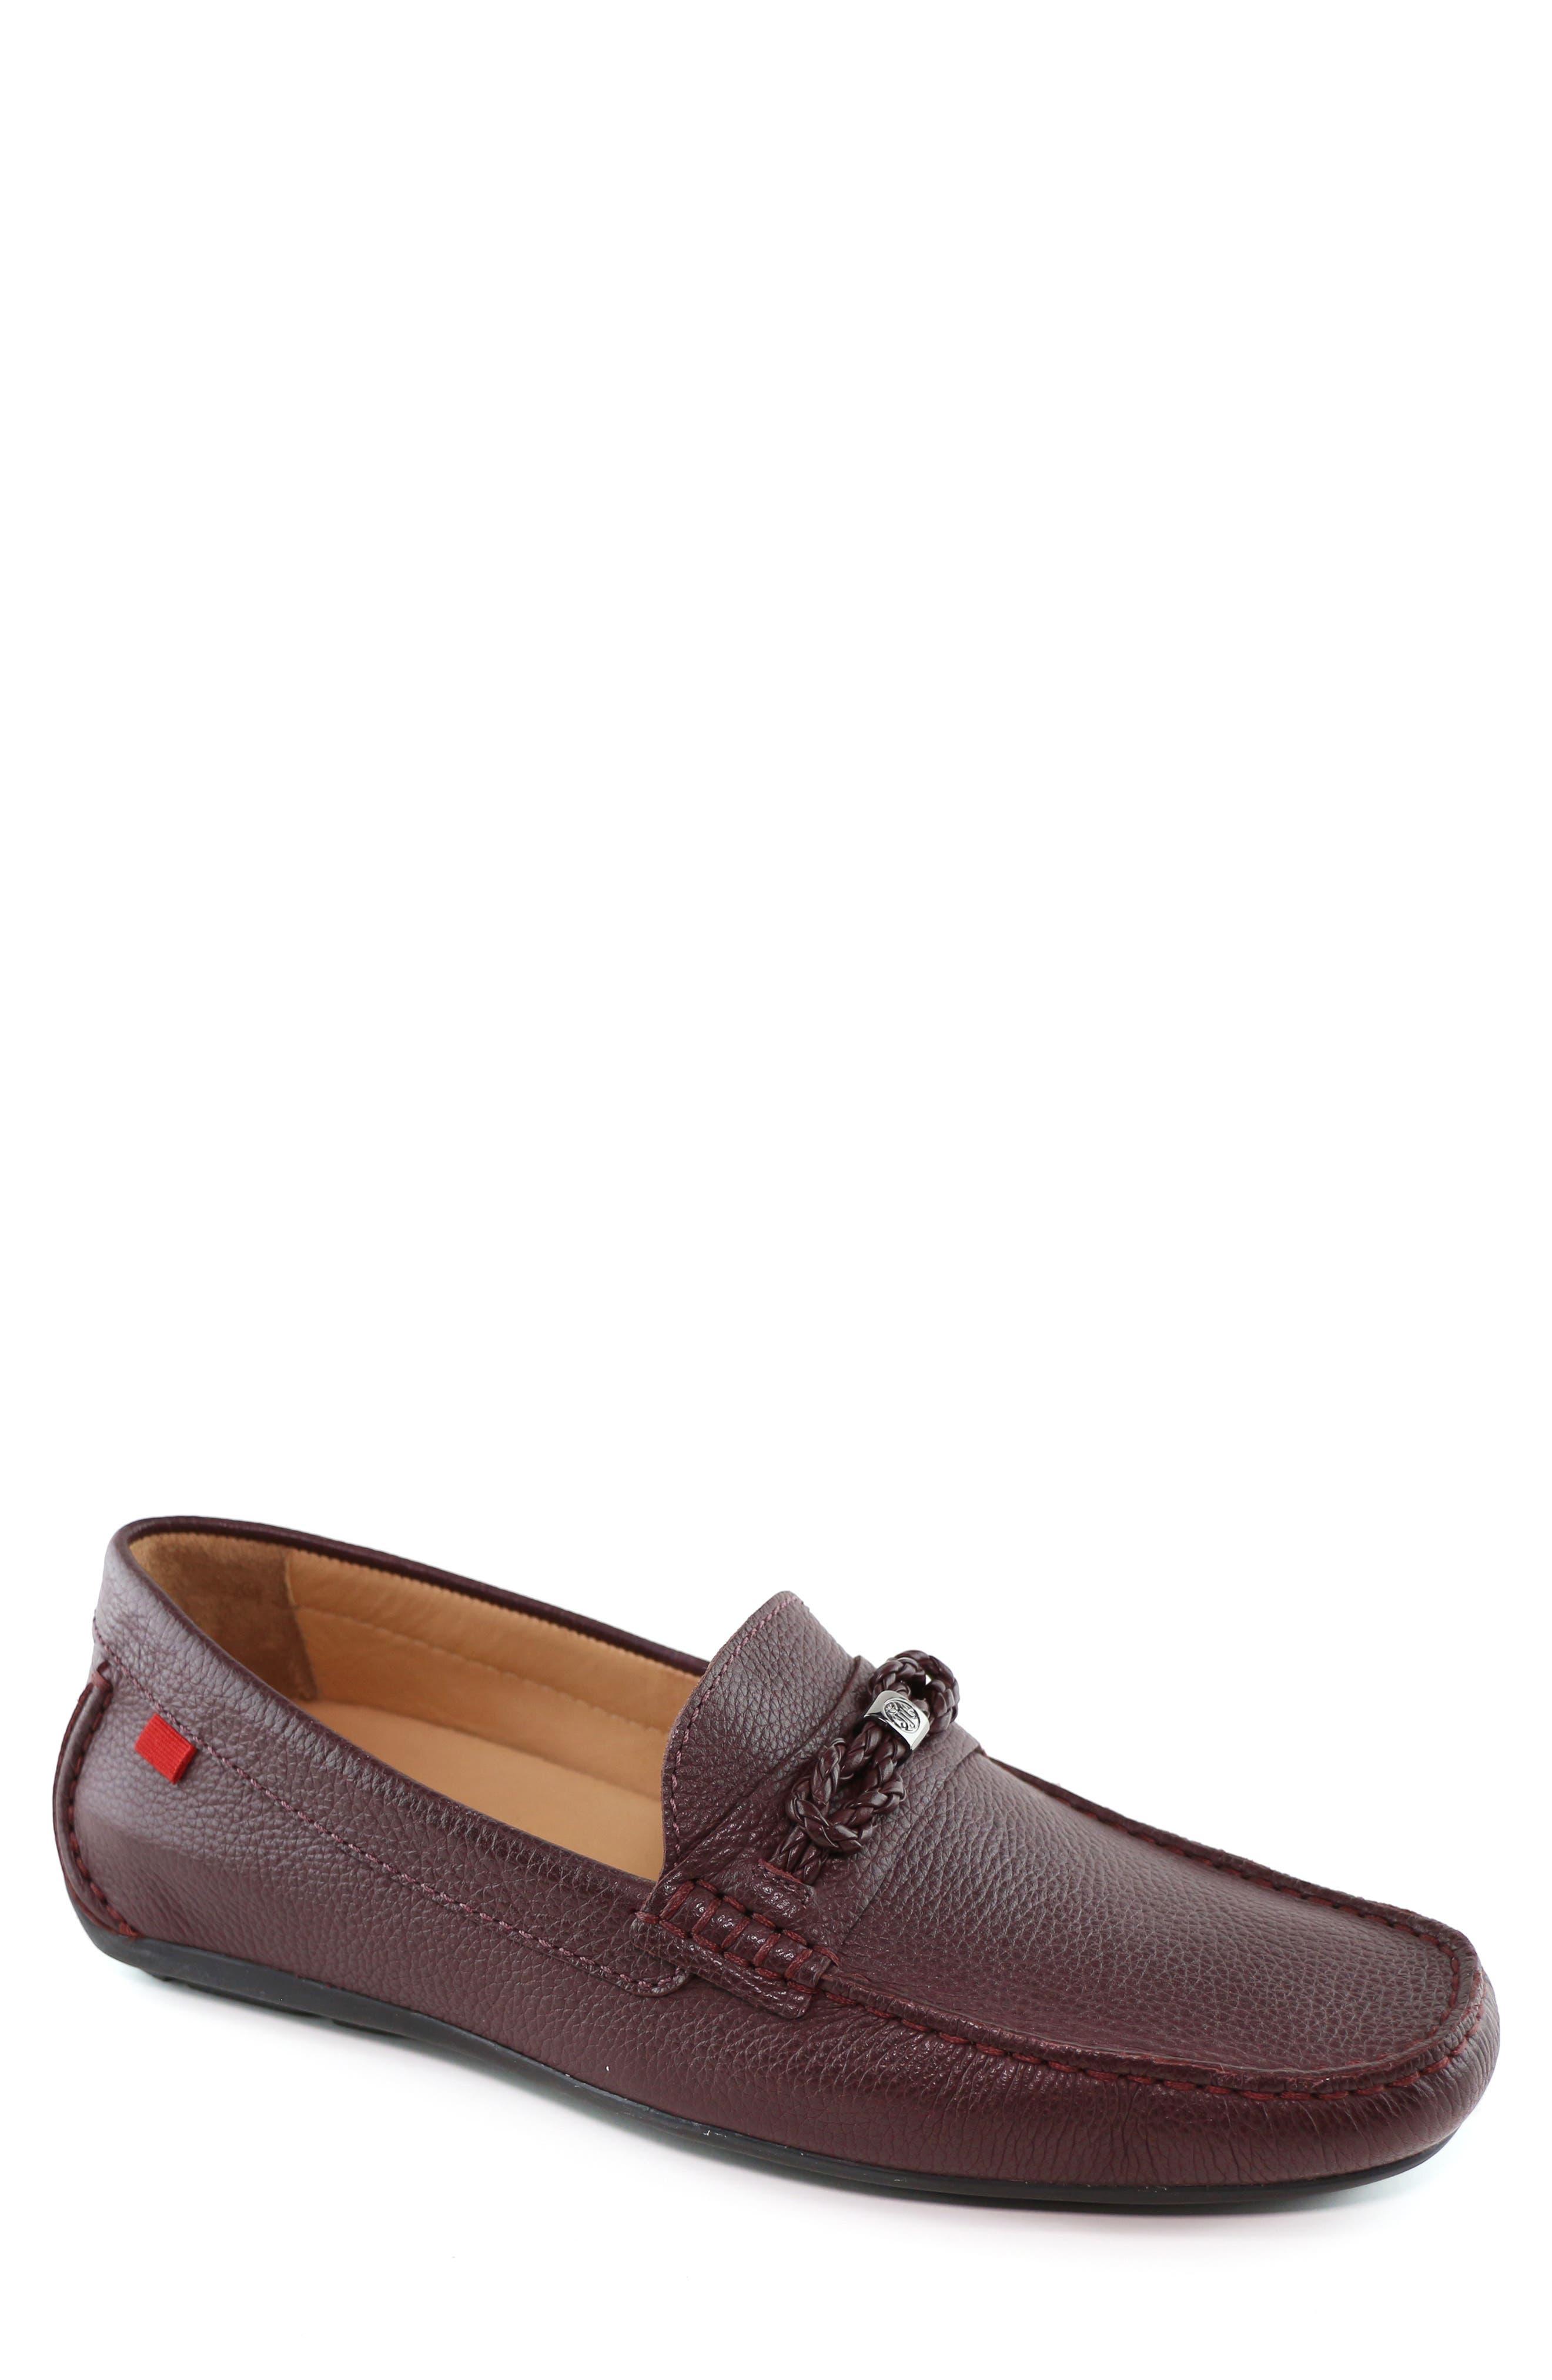 MARC JOSEPH NEW YORK West Village Driving Shoe, Main, color, 930